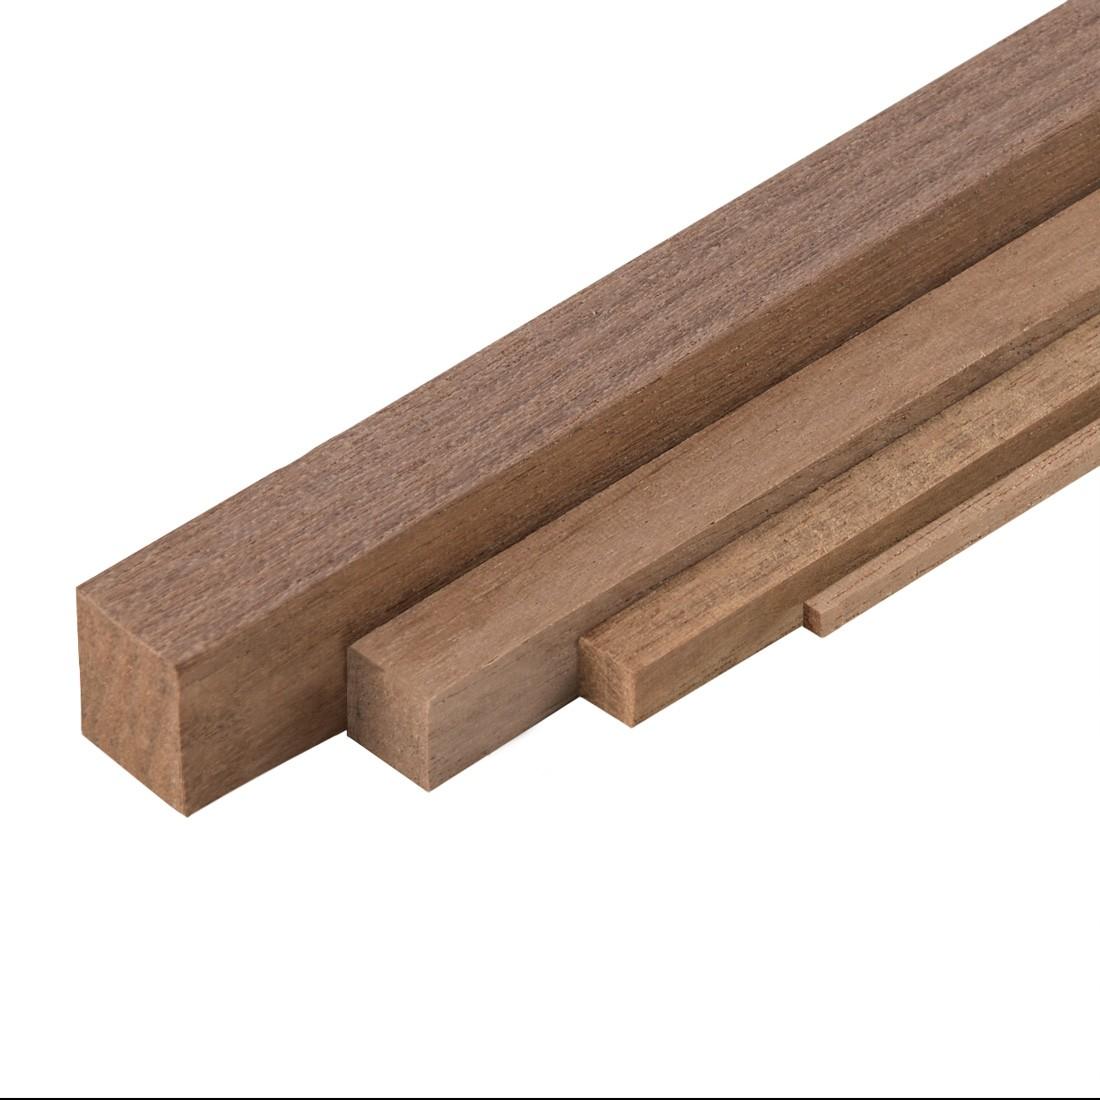 Walnut strip 6x6